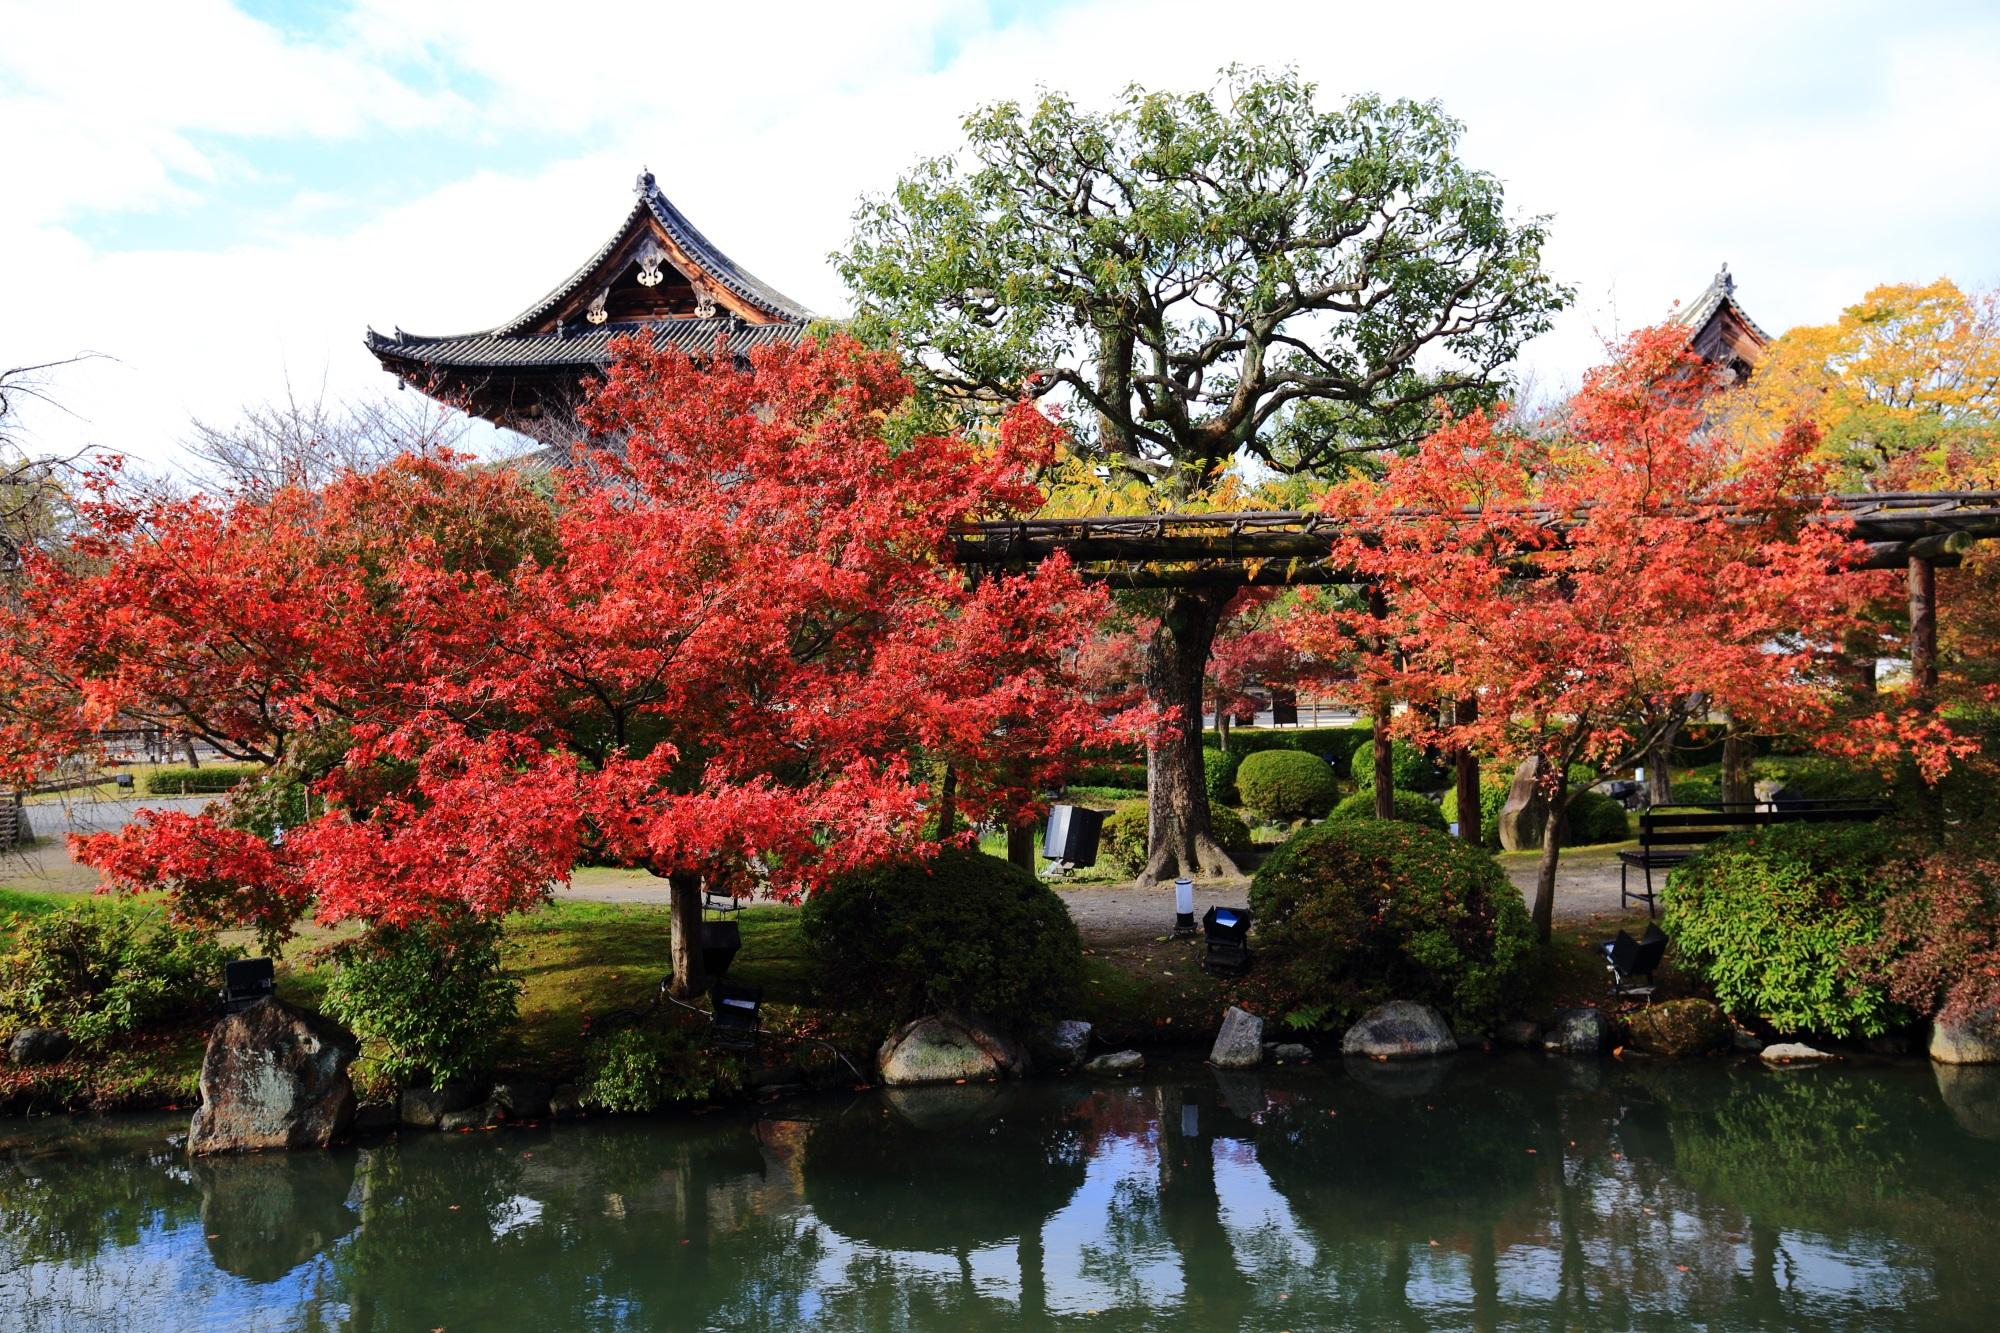 見ごろの紅葉につつまれた東寺の金堂と講堂